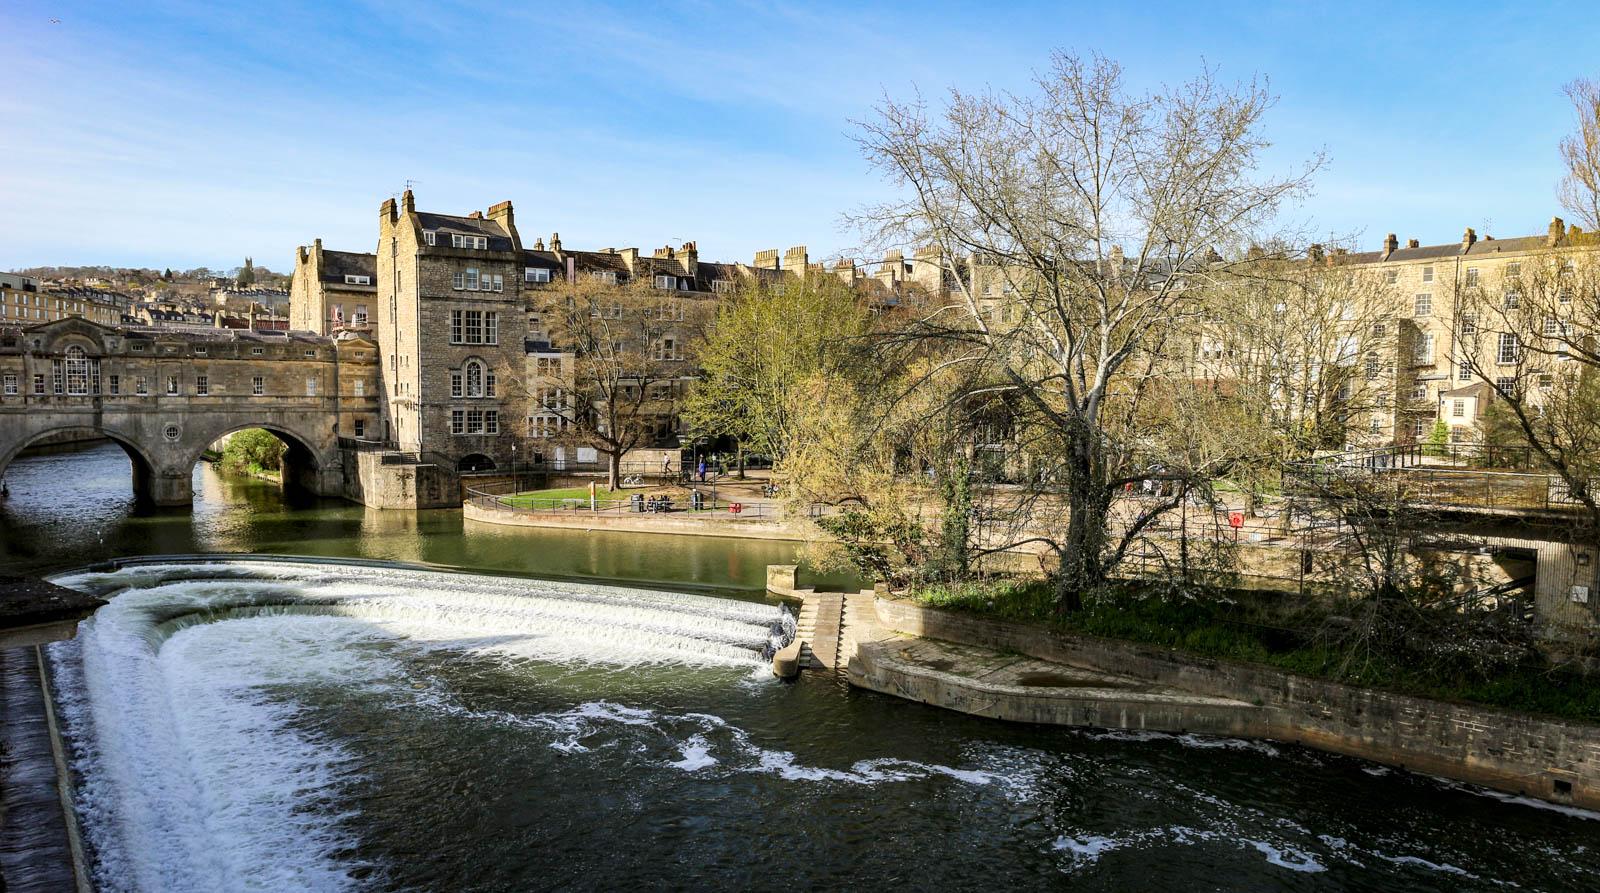 Bath-loc-1051